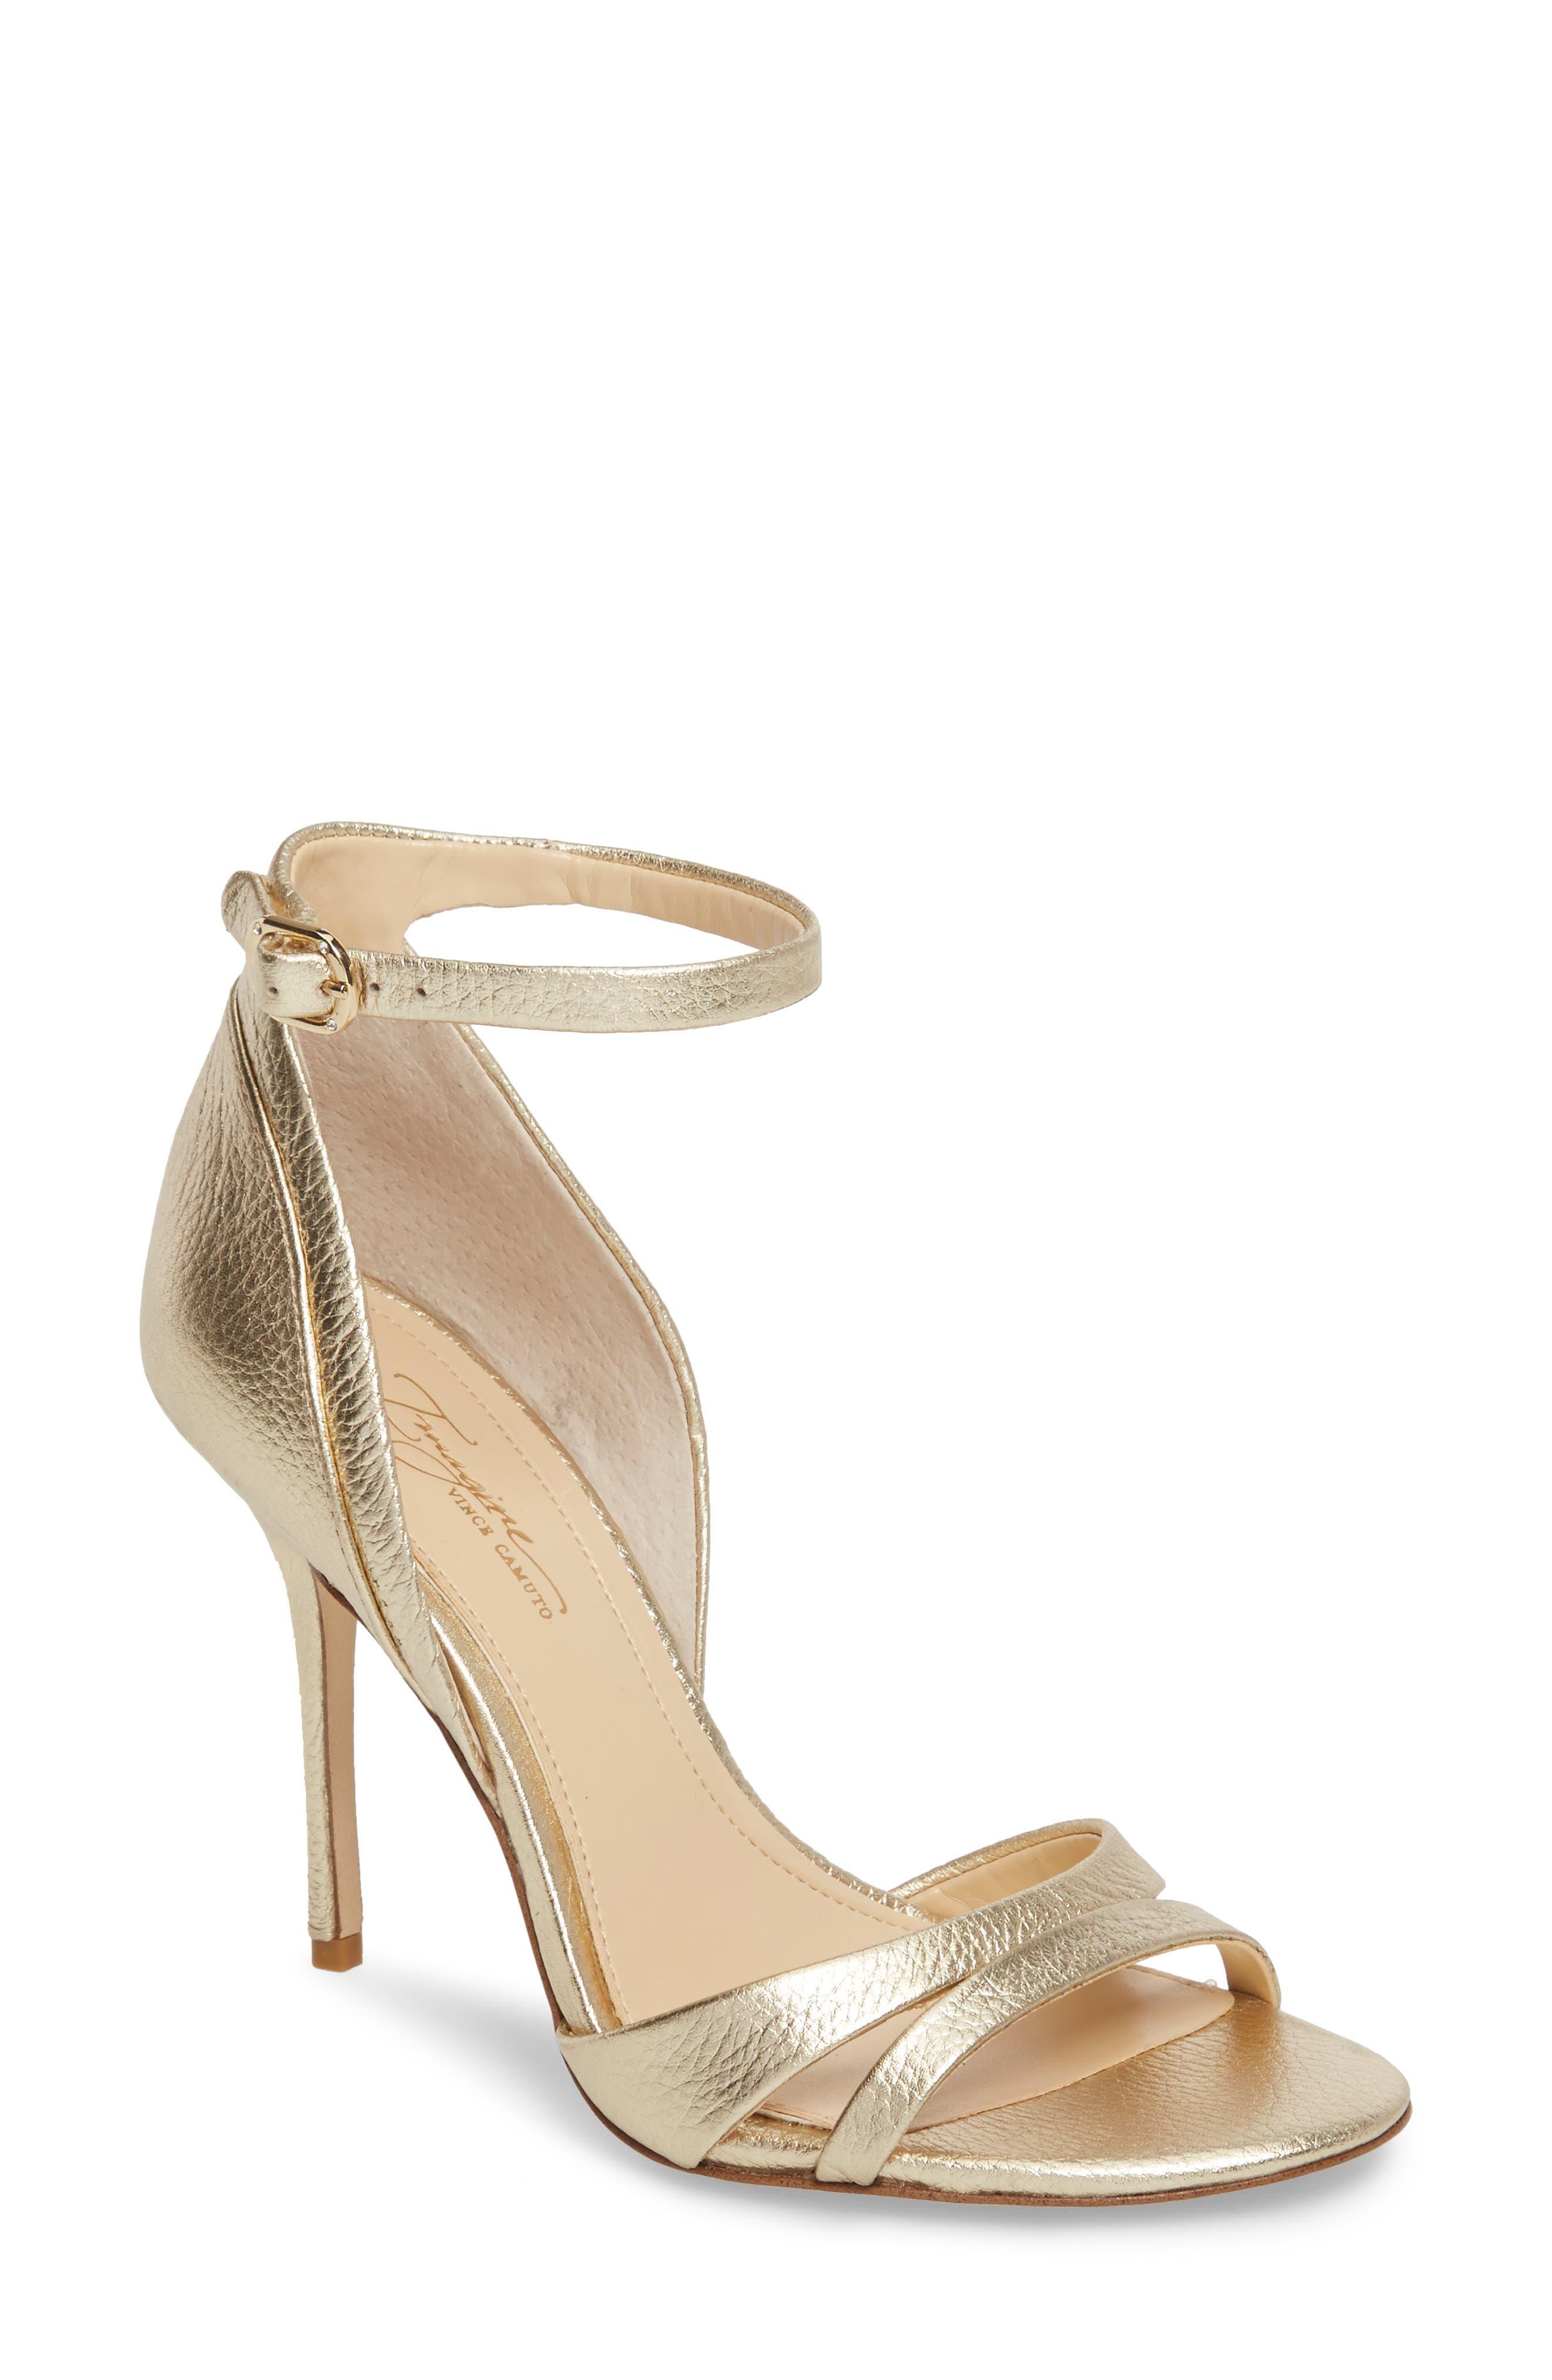 gold heels | Nordstrom